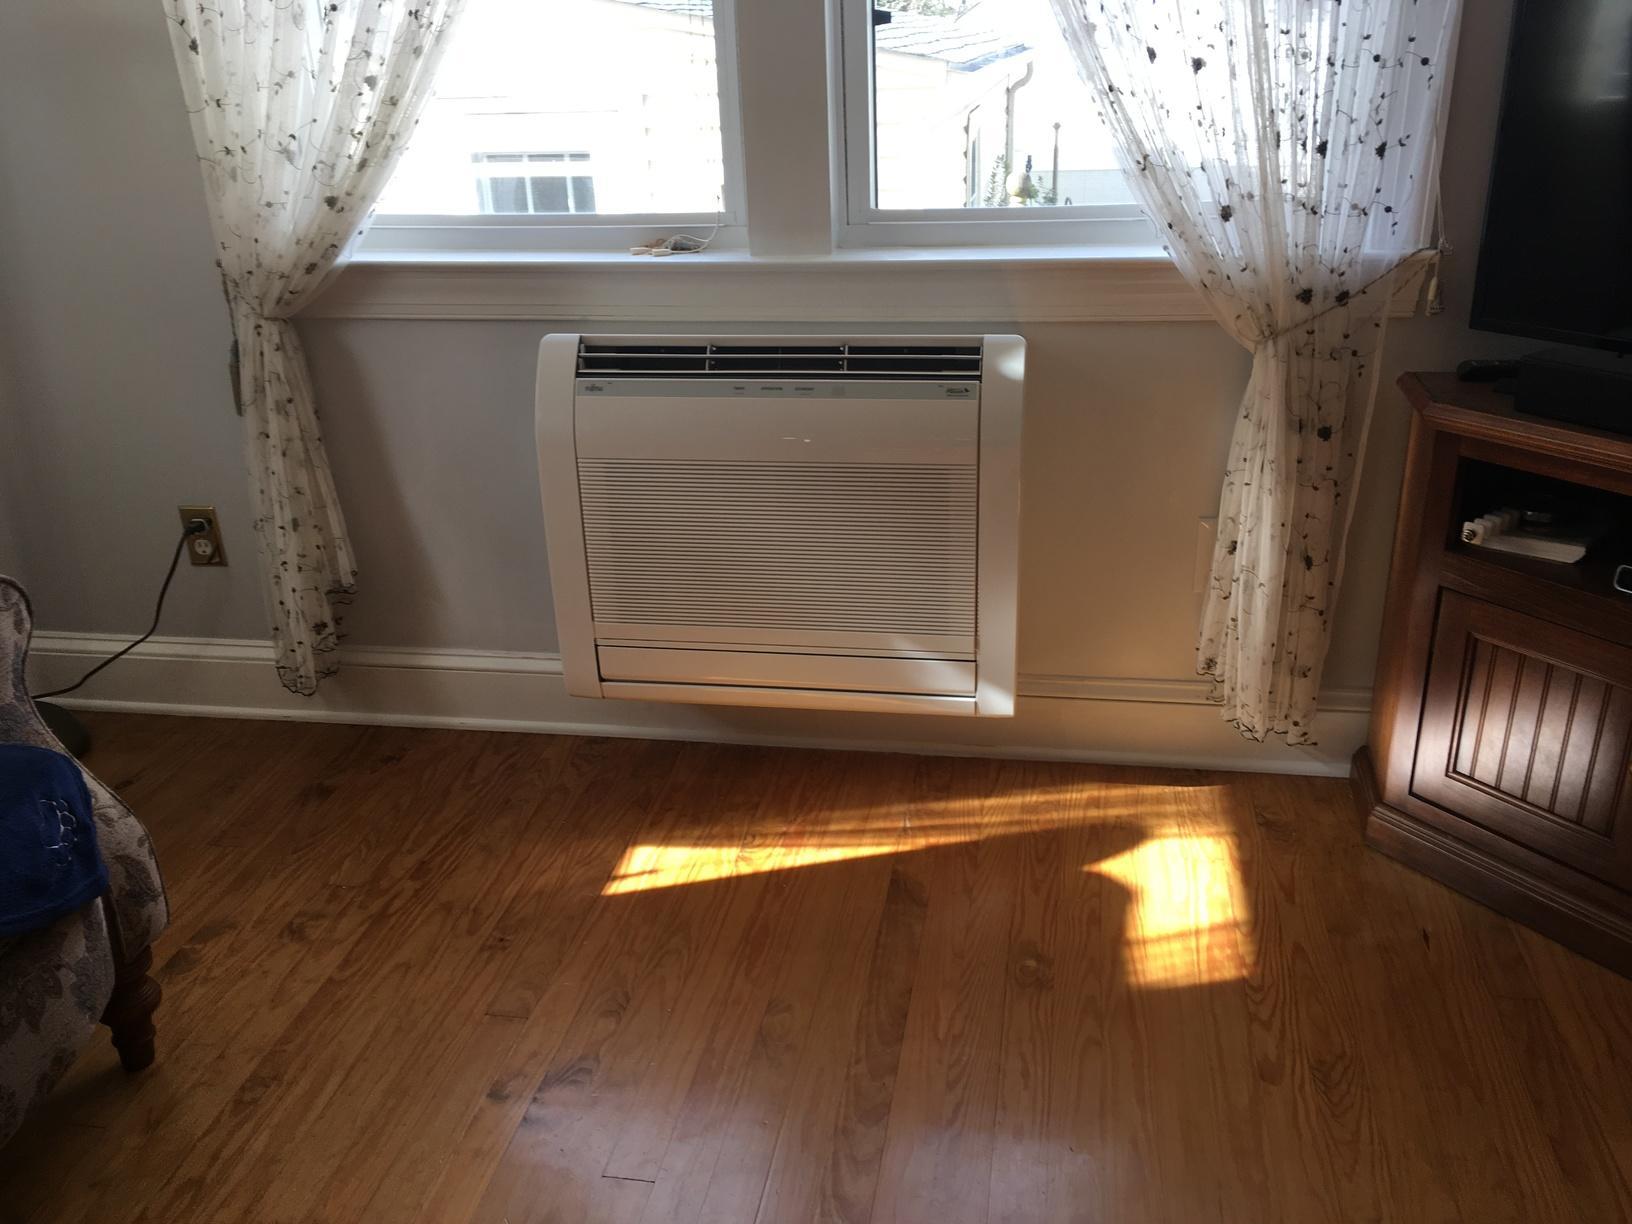 Installed a Fijitsu Mini Split Heat Pump in Oaklyn, NJ 08107 - After Photo